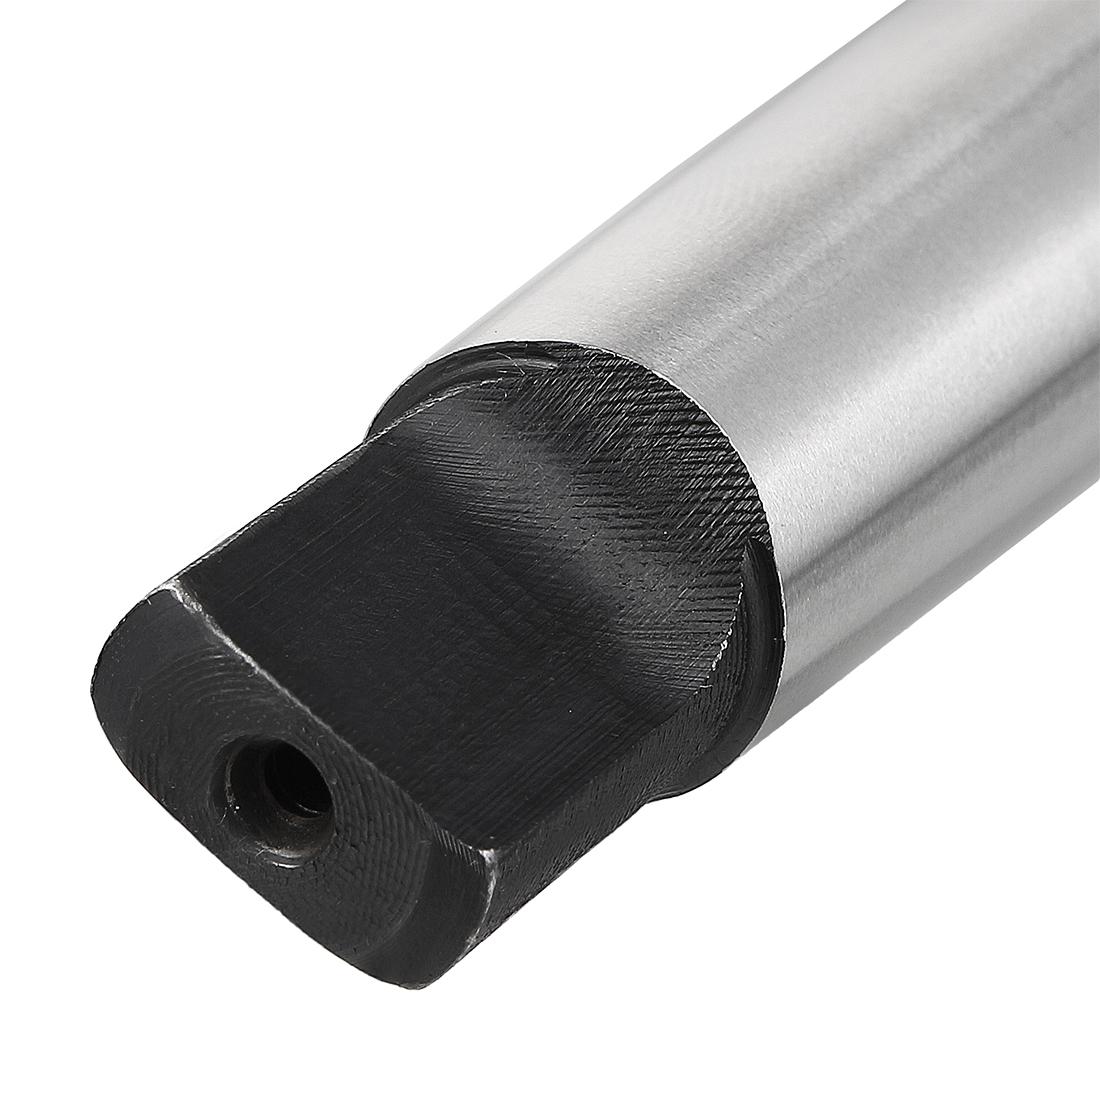 1mm-13mm MT2-APU13 Model S20 Self-Tighten Keyless Drill Chuck w MT2-JT33 Arbors